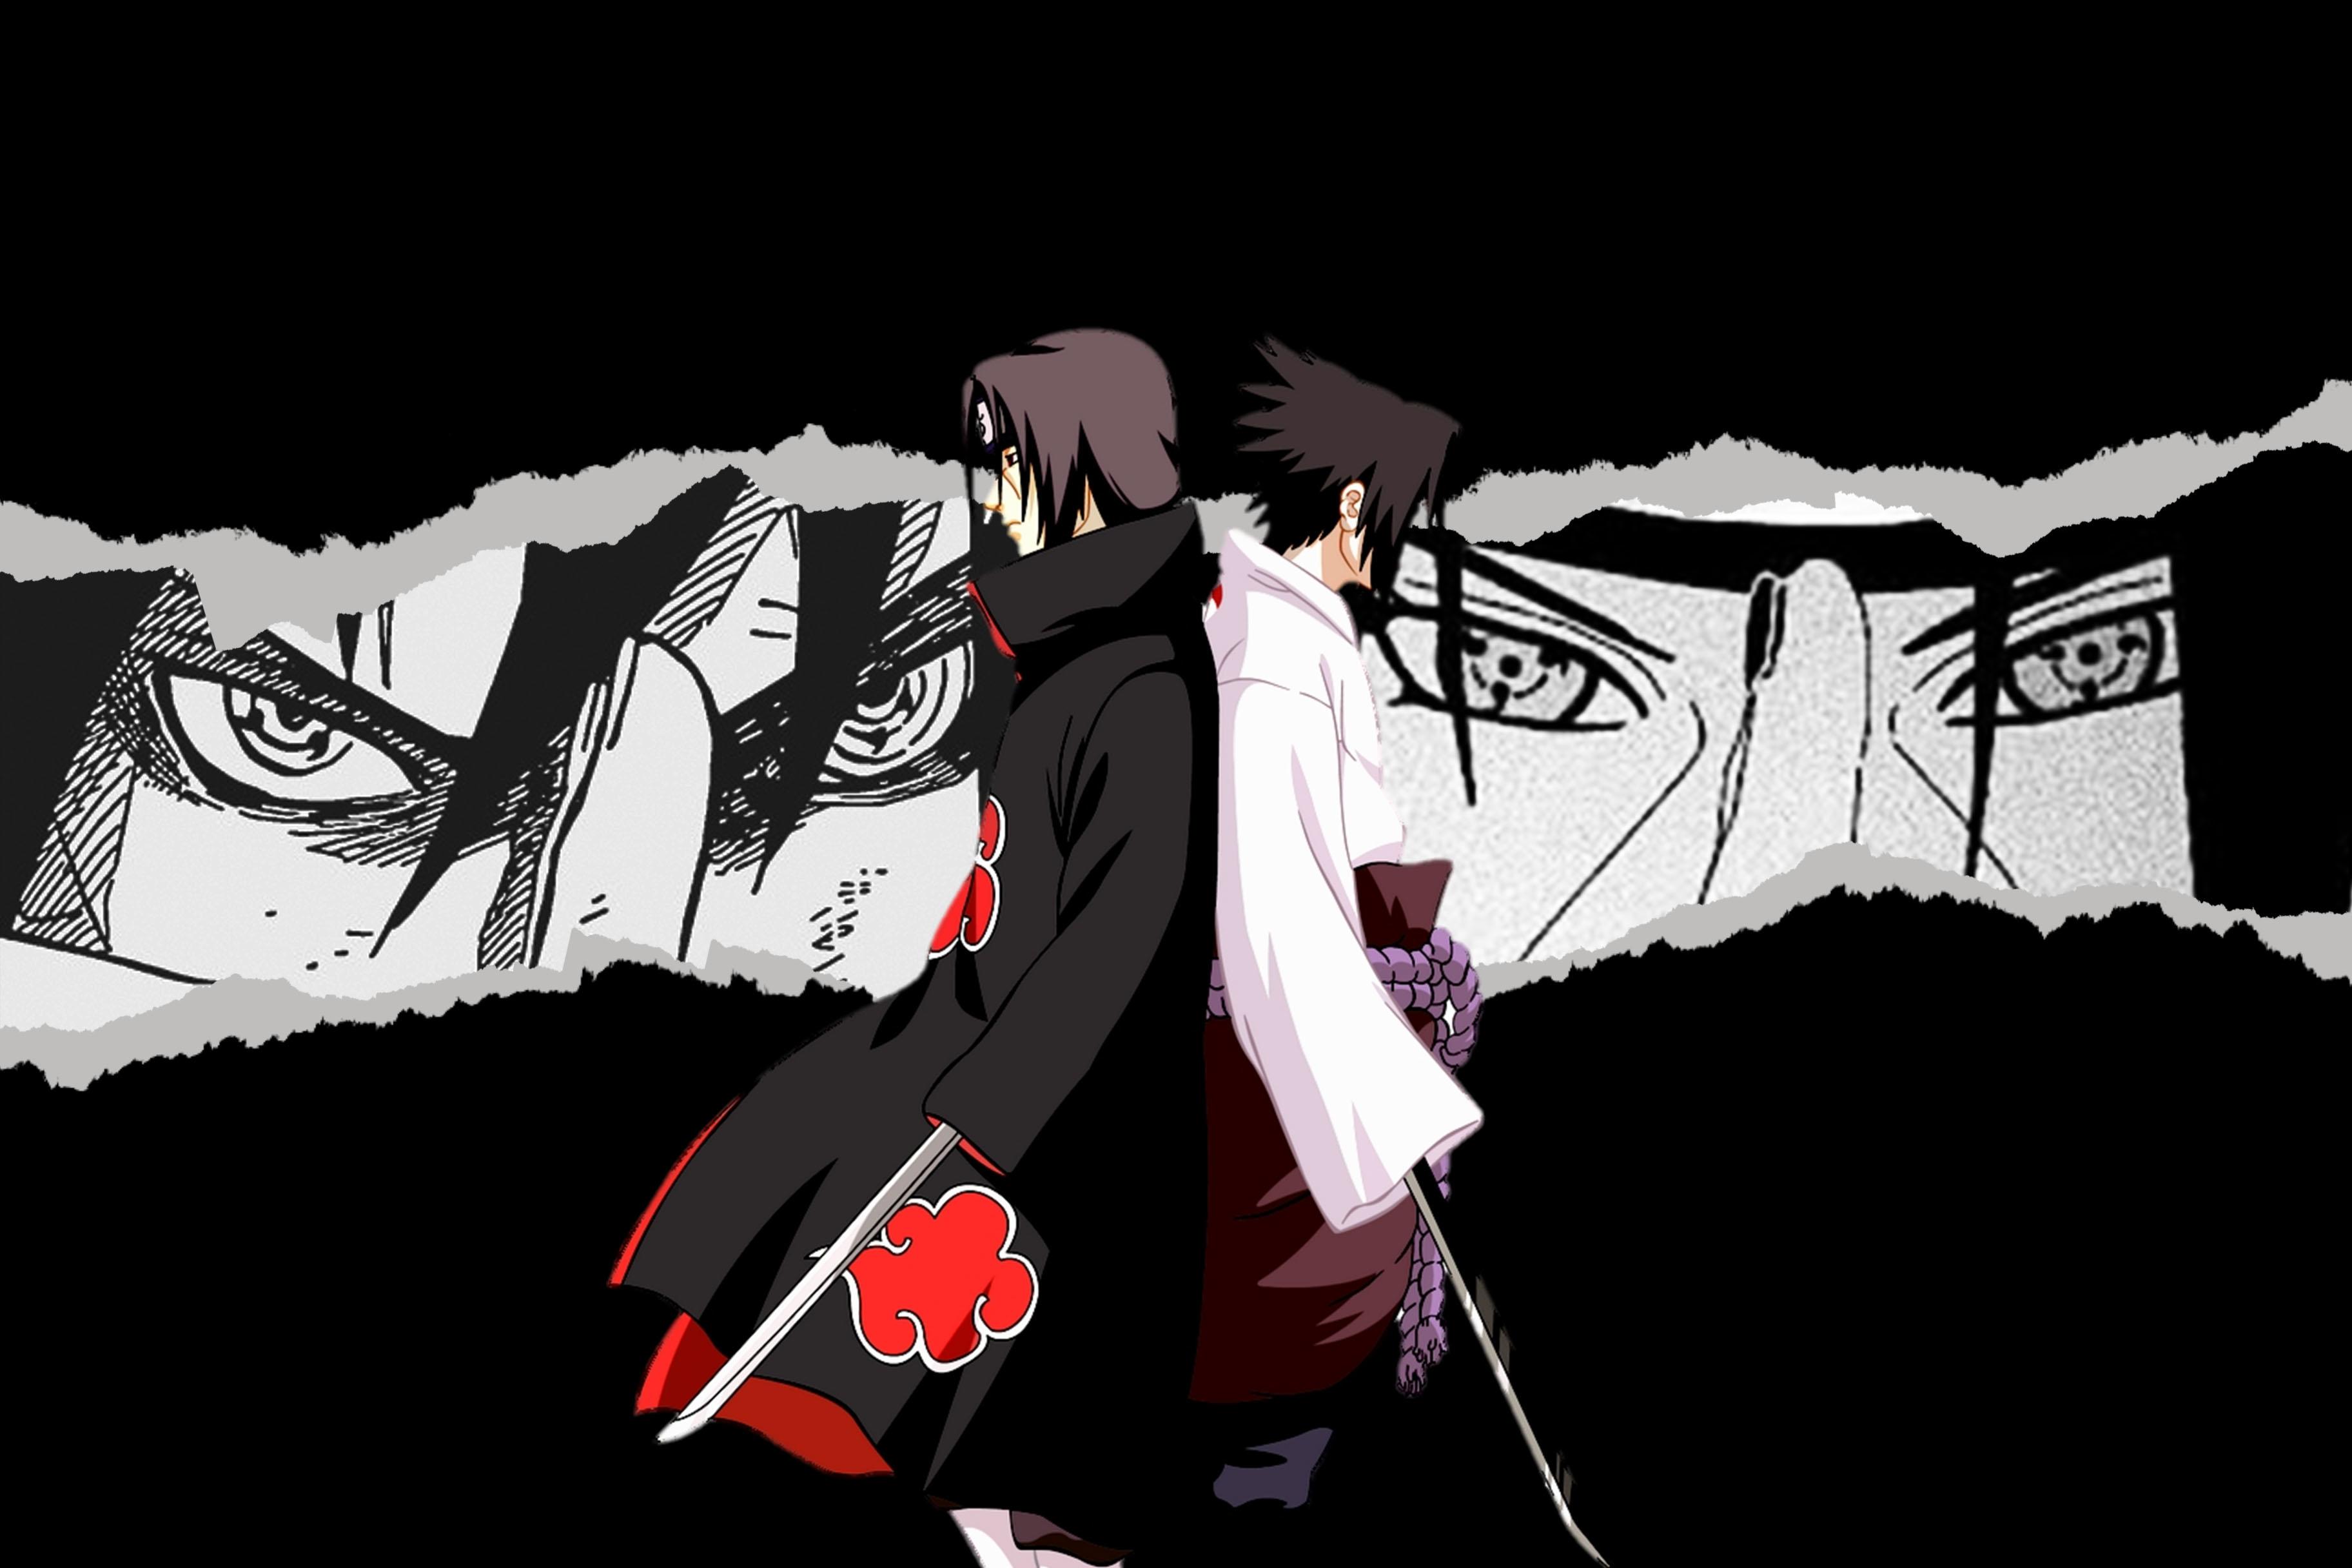 itachi vs sasuke 4k naruto bGlmZWiUmZqaraWkpJRoa2ltrWdpaGc